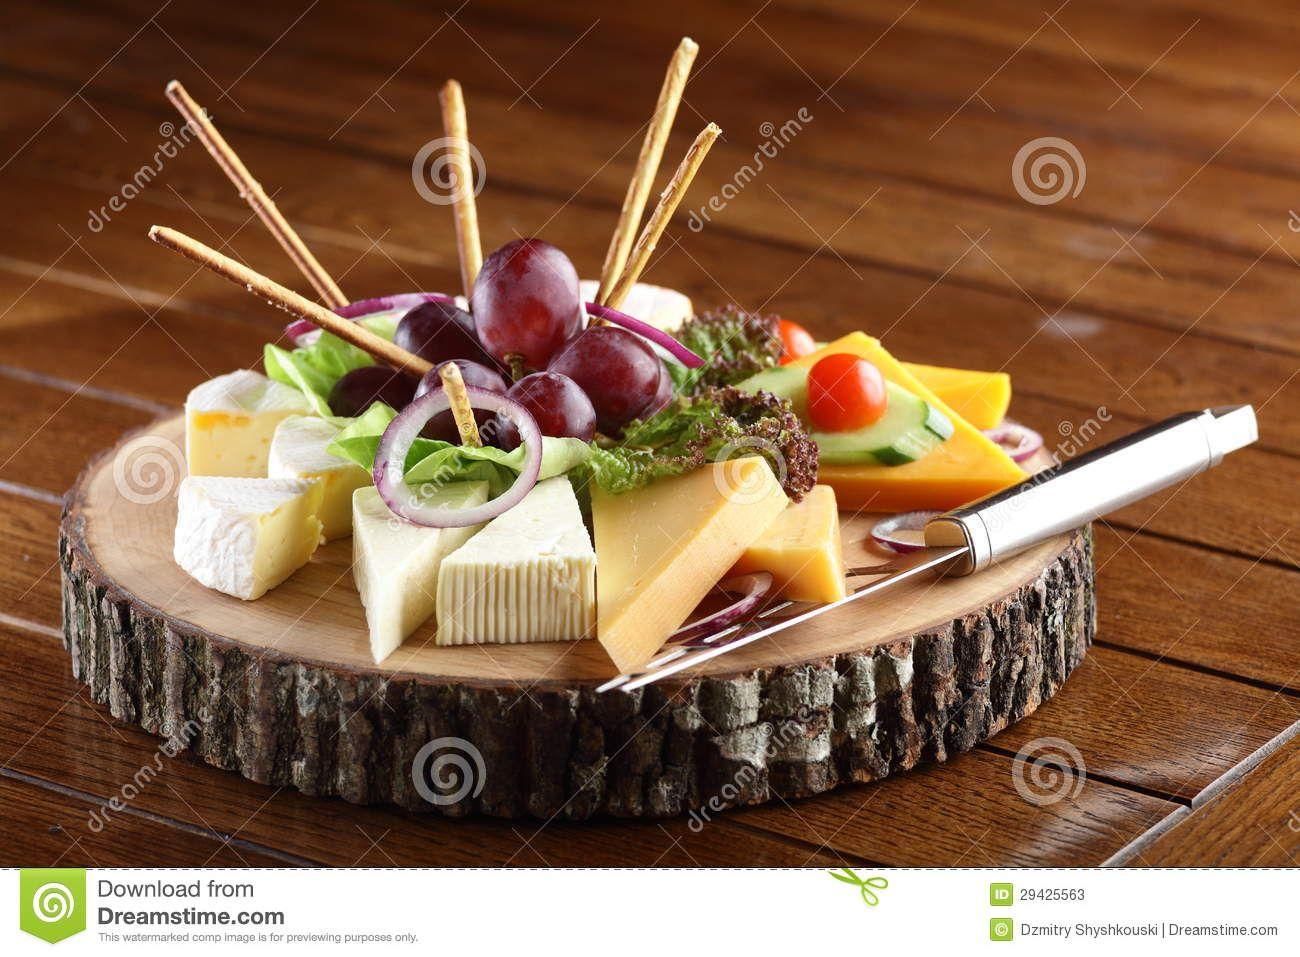 Plato de madera con queso y frutas tronco de madera for Plato de decoracion marroqui salon 2014